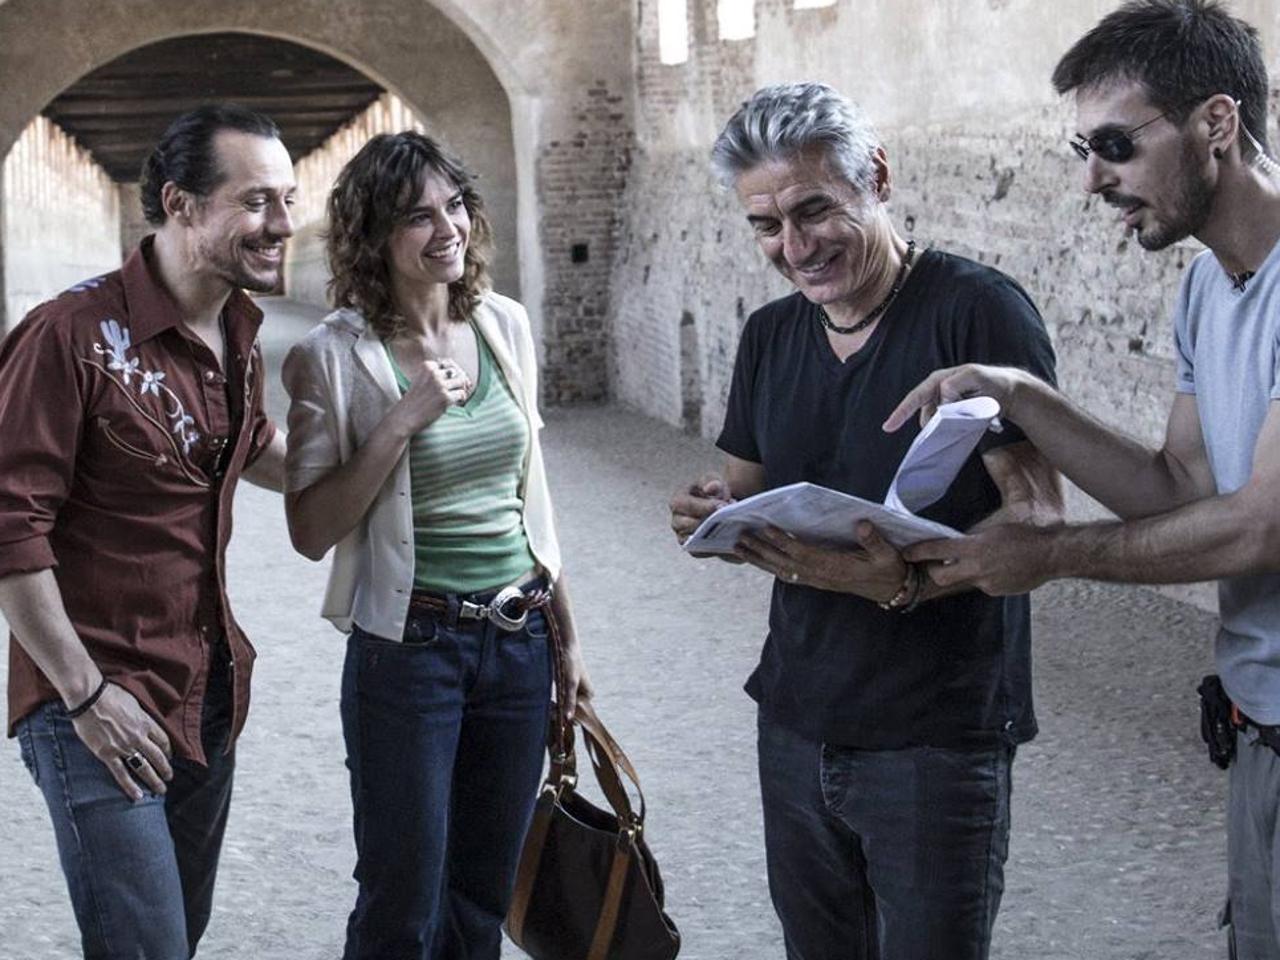 Made in Italy. il regista del film Luciano Liguabue sul set con Stefano Accorsi e Kasia Smutniak